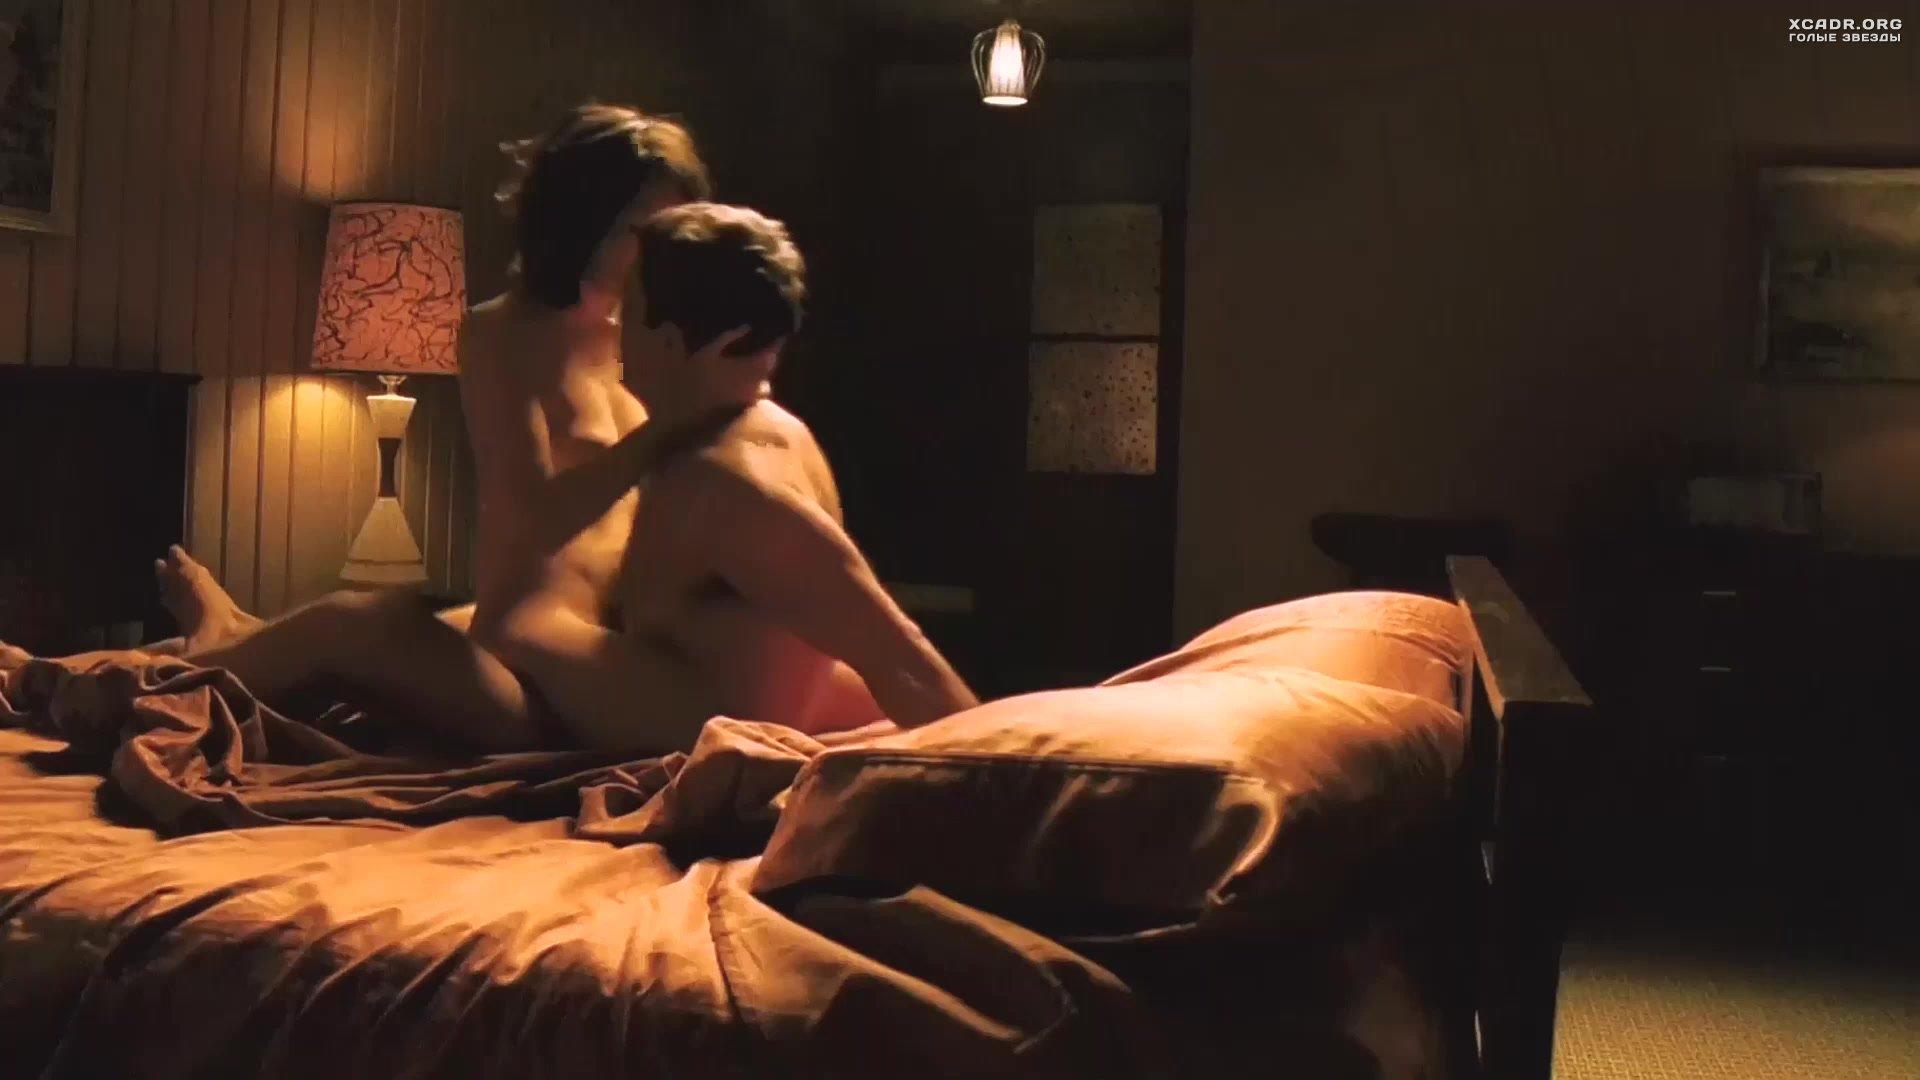 Страстный Секс С Отем Ризер – Большой Взрыв (2010)